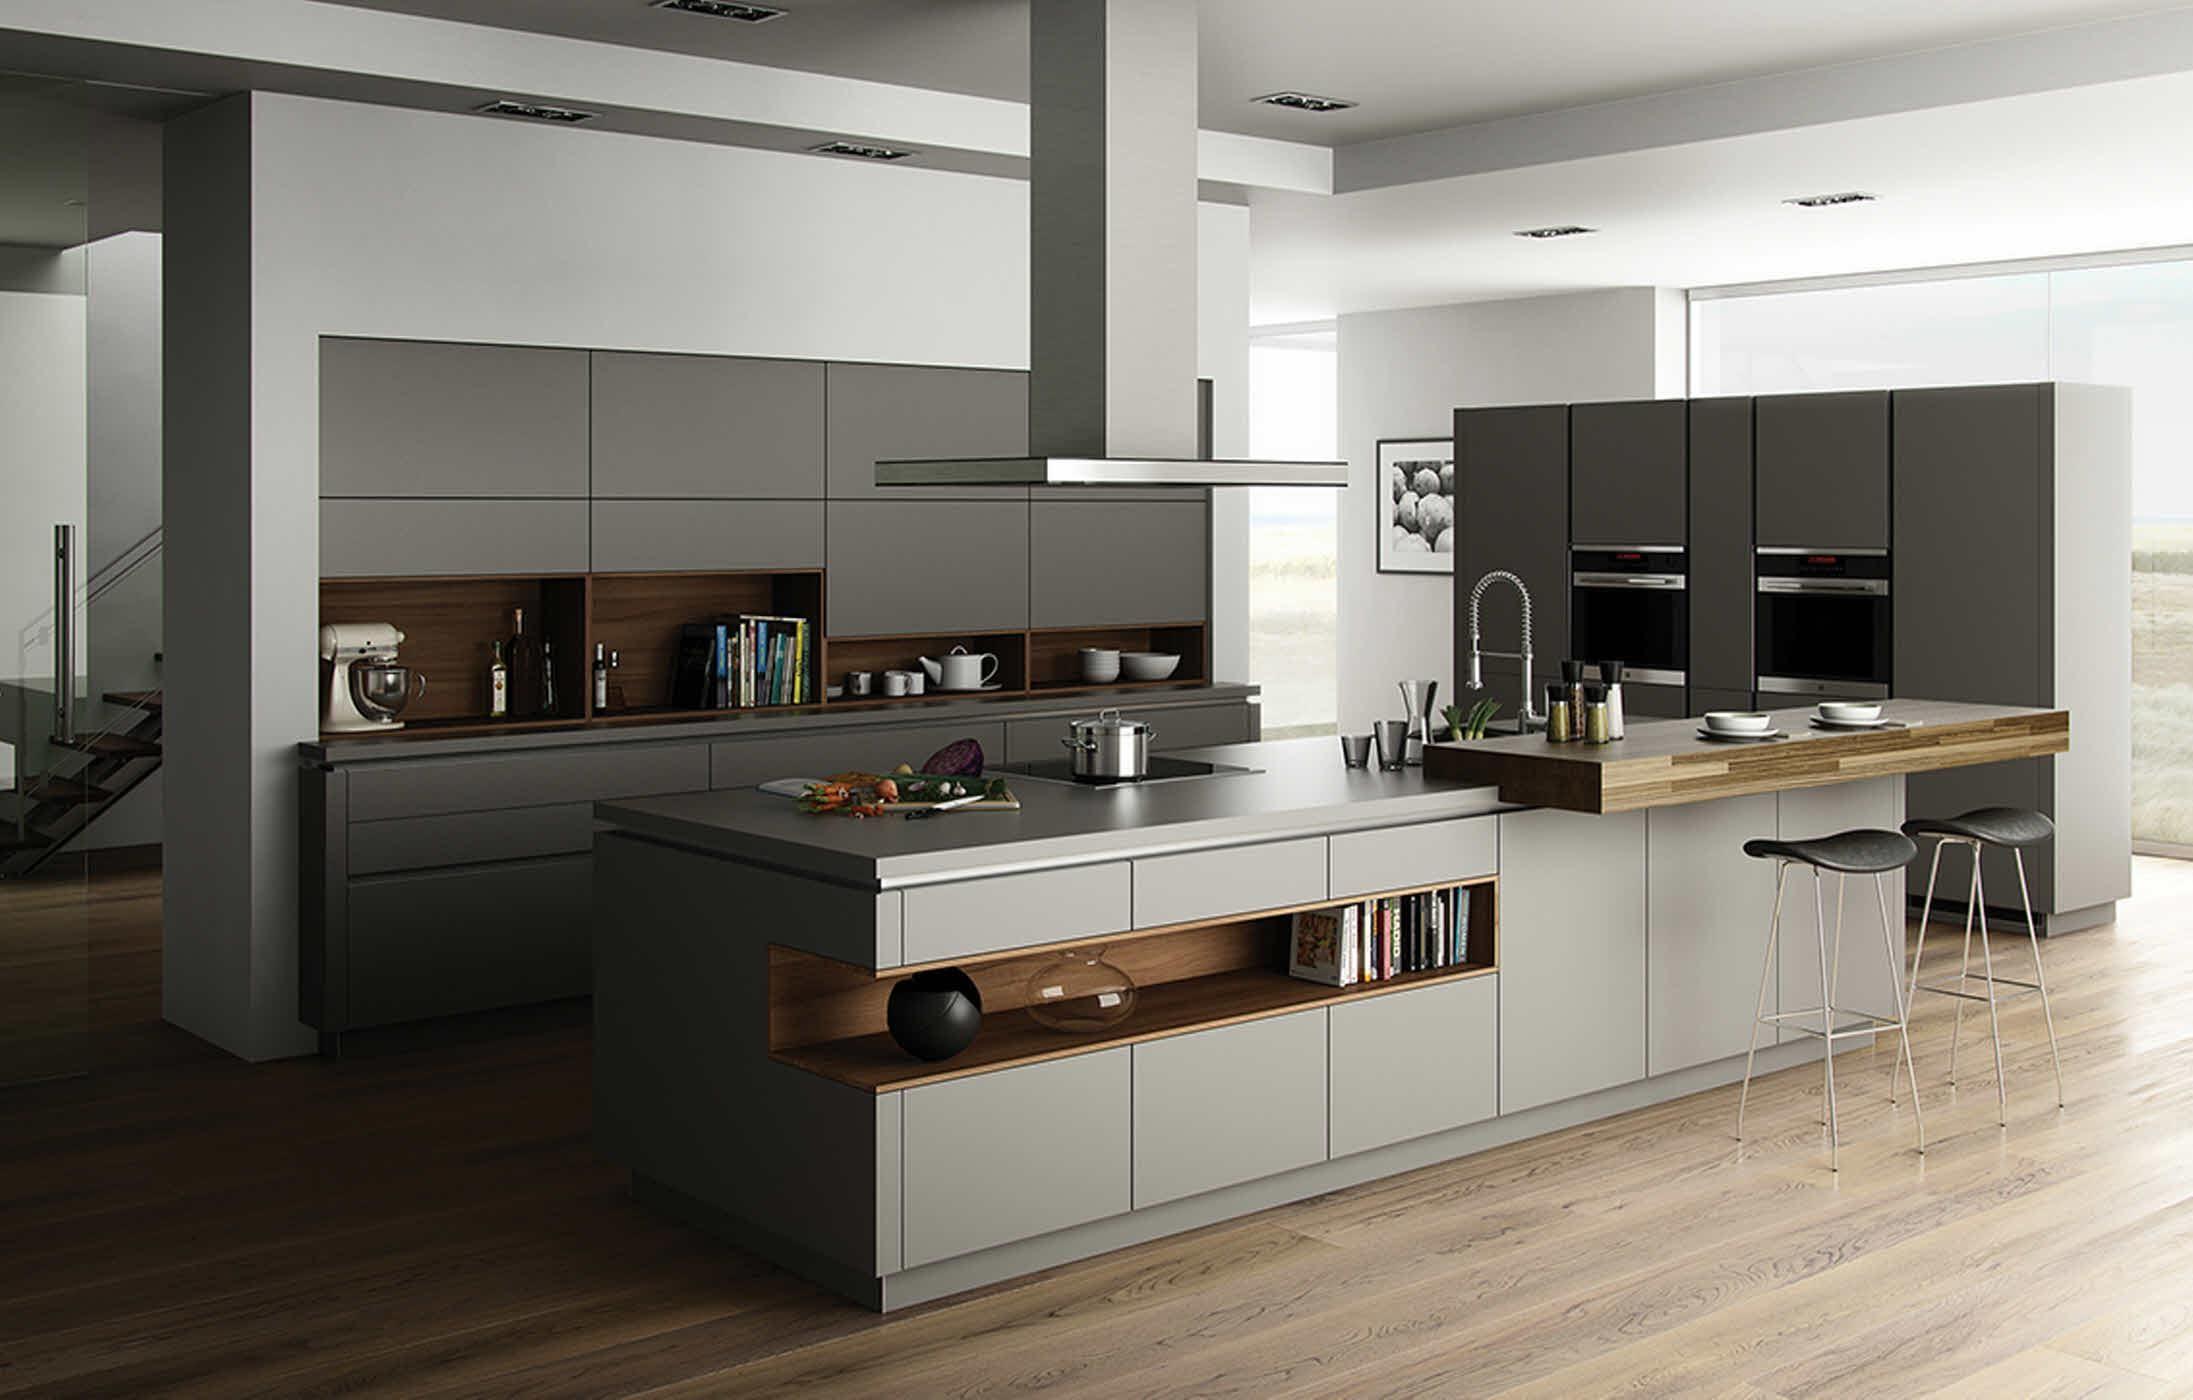 goldreif k chen die sch nsten und beliebtesten modelle im vergleich pinterest goldreifen. Black Bedroom Furniture Sets. Home Design Ideas